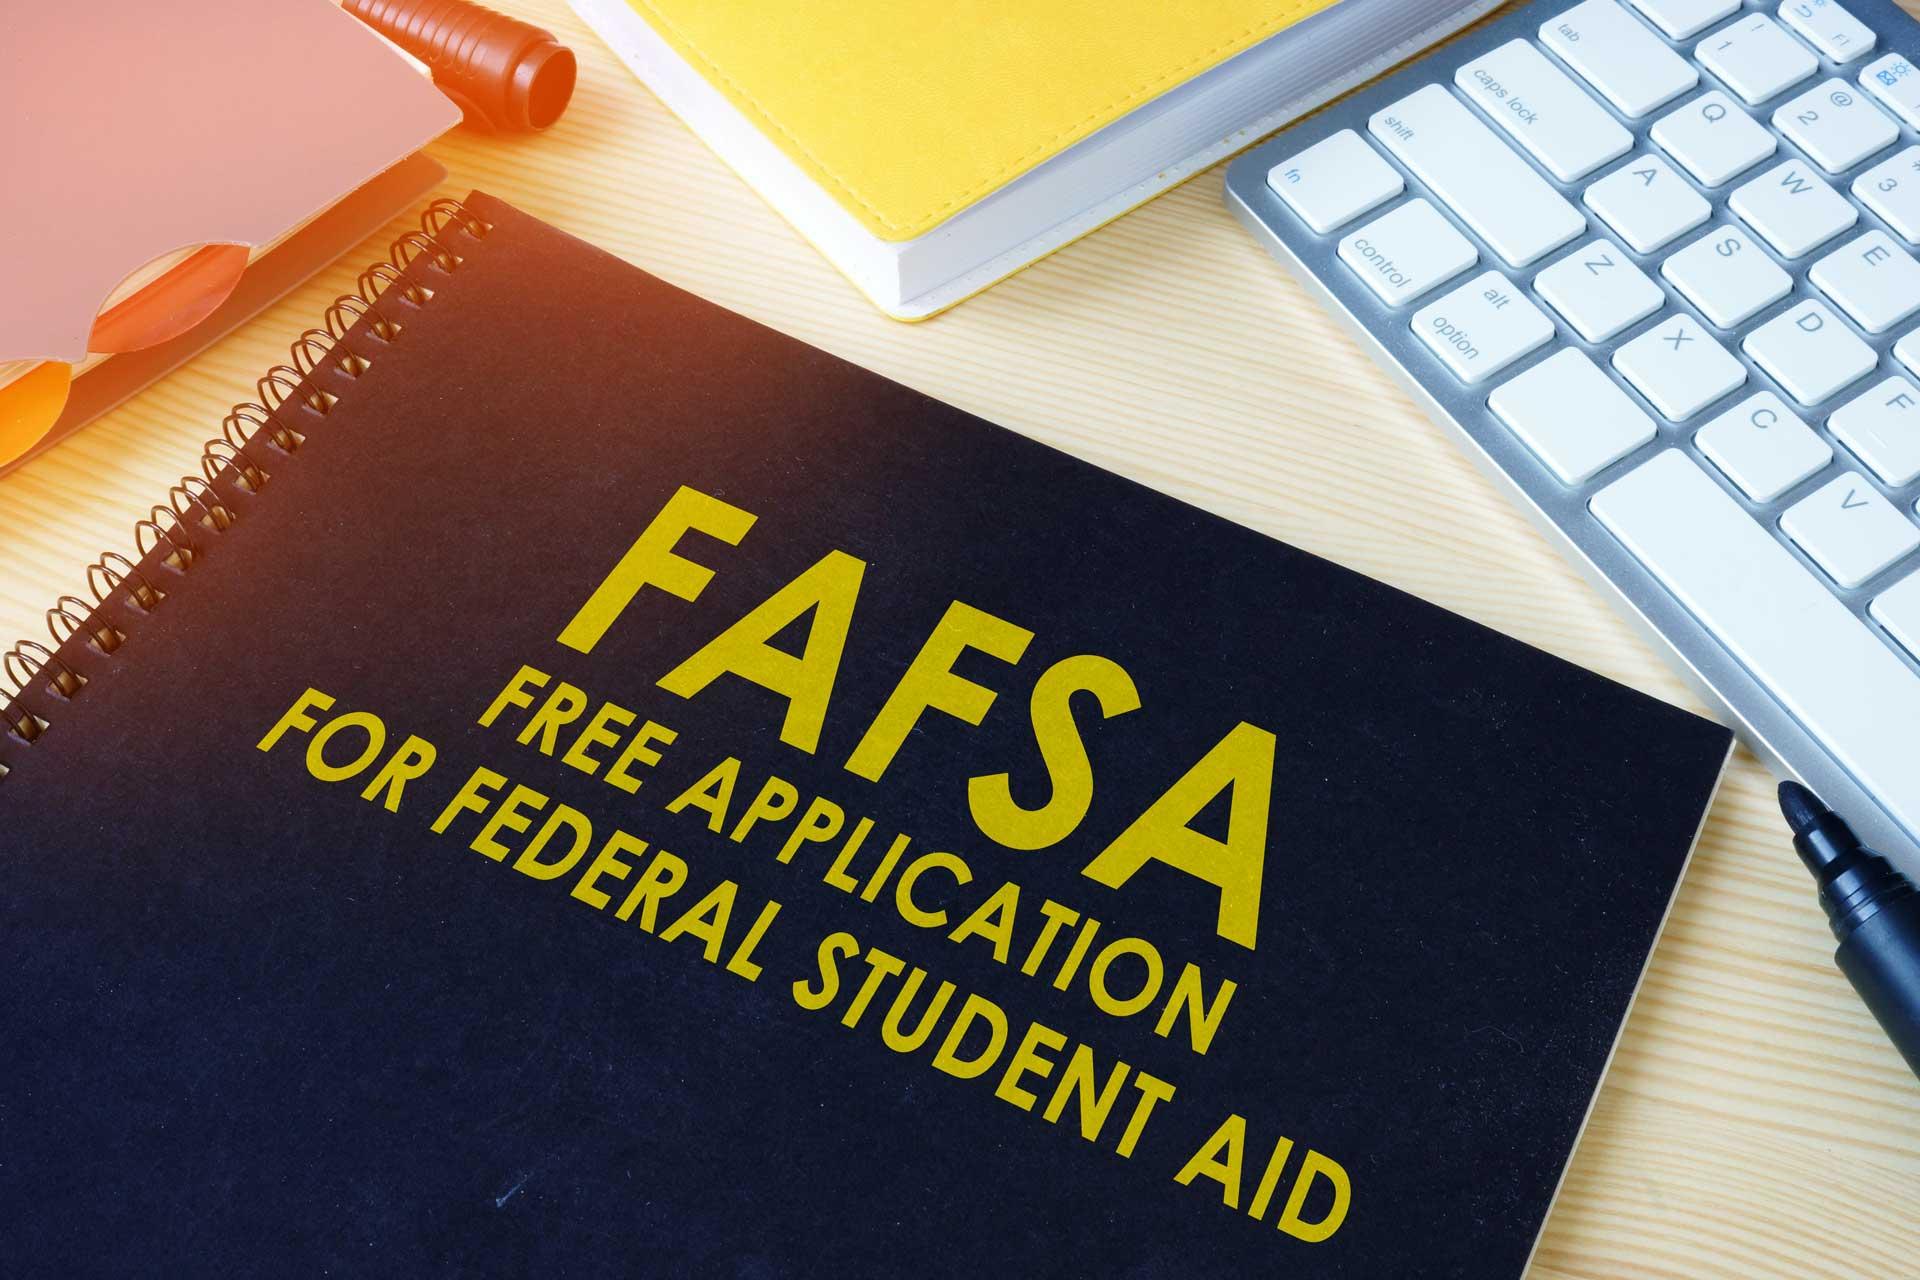 FAFSA Assist